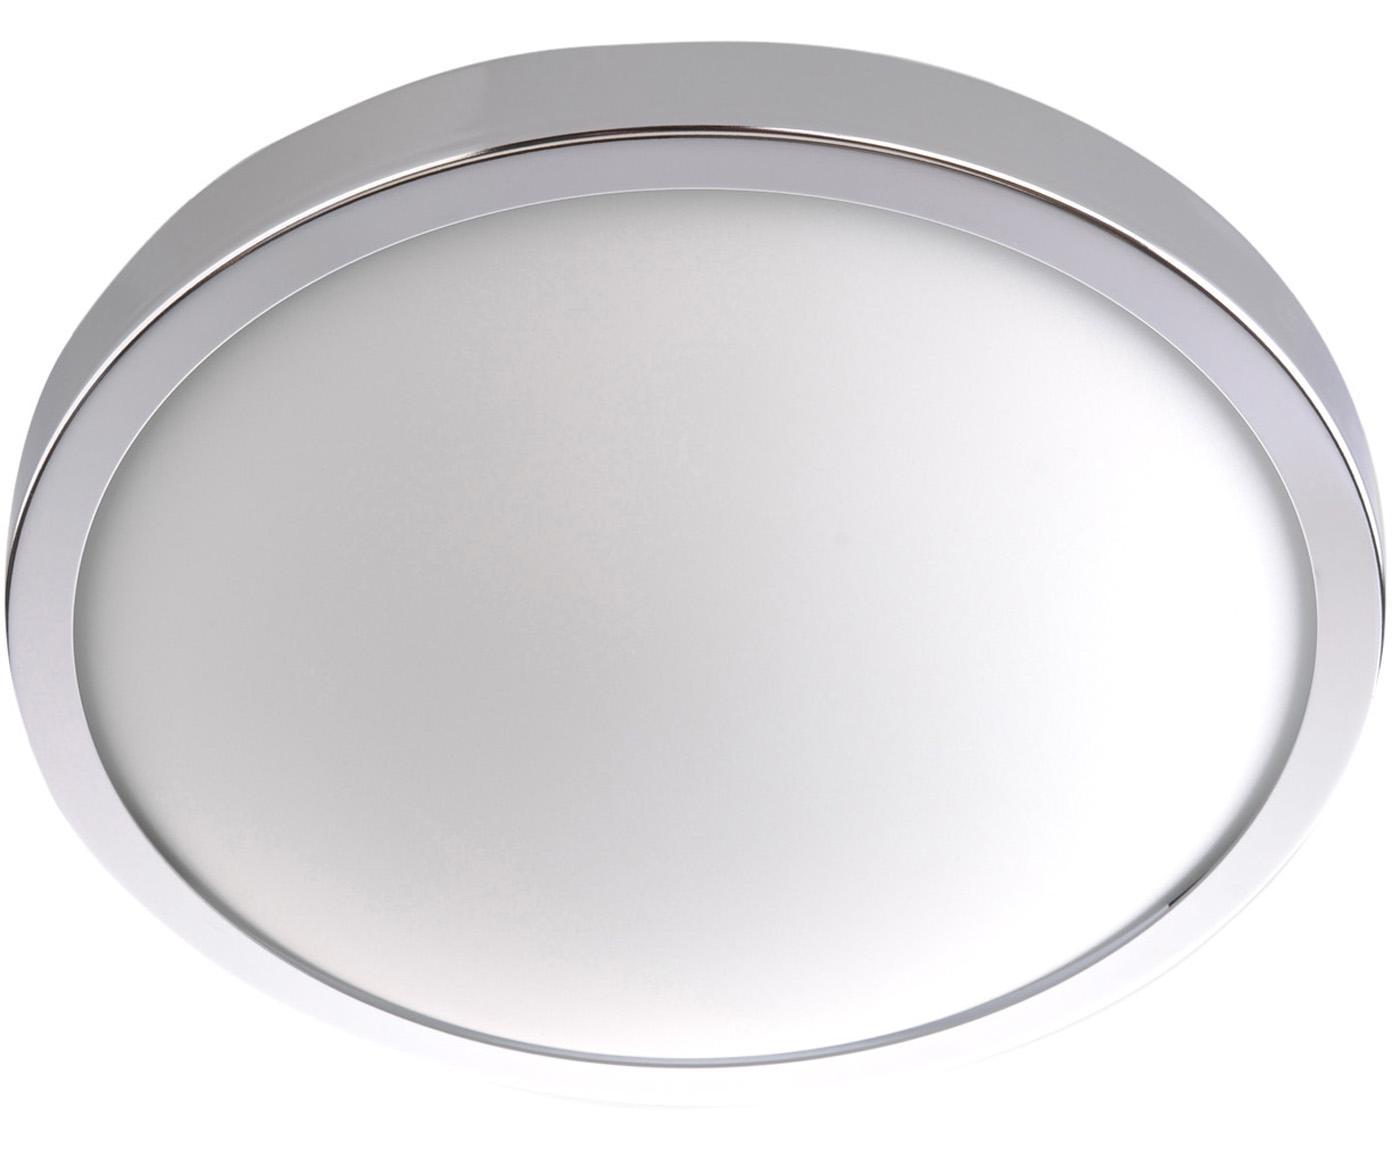 Plafoniera Calisto, Cornice: acciaio, Disco diffusore: vetro, Cromo, bianco, Ø 22 x Alt. 8 cm